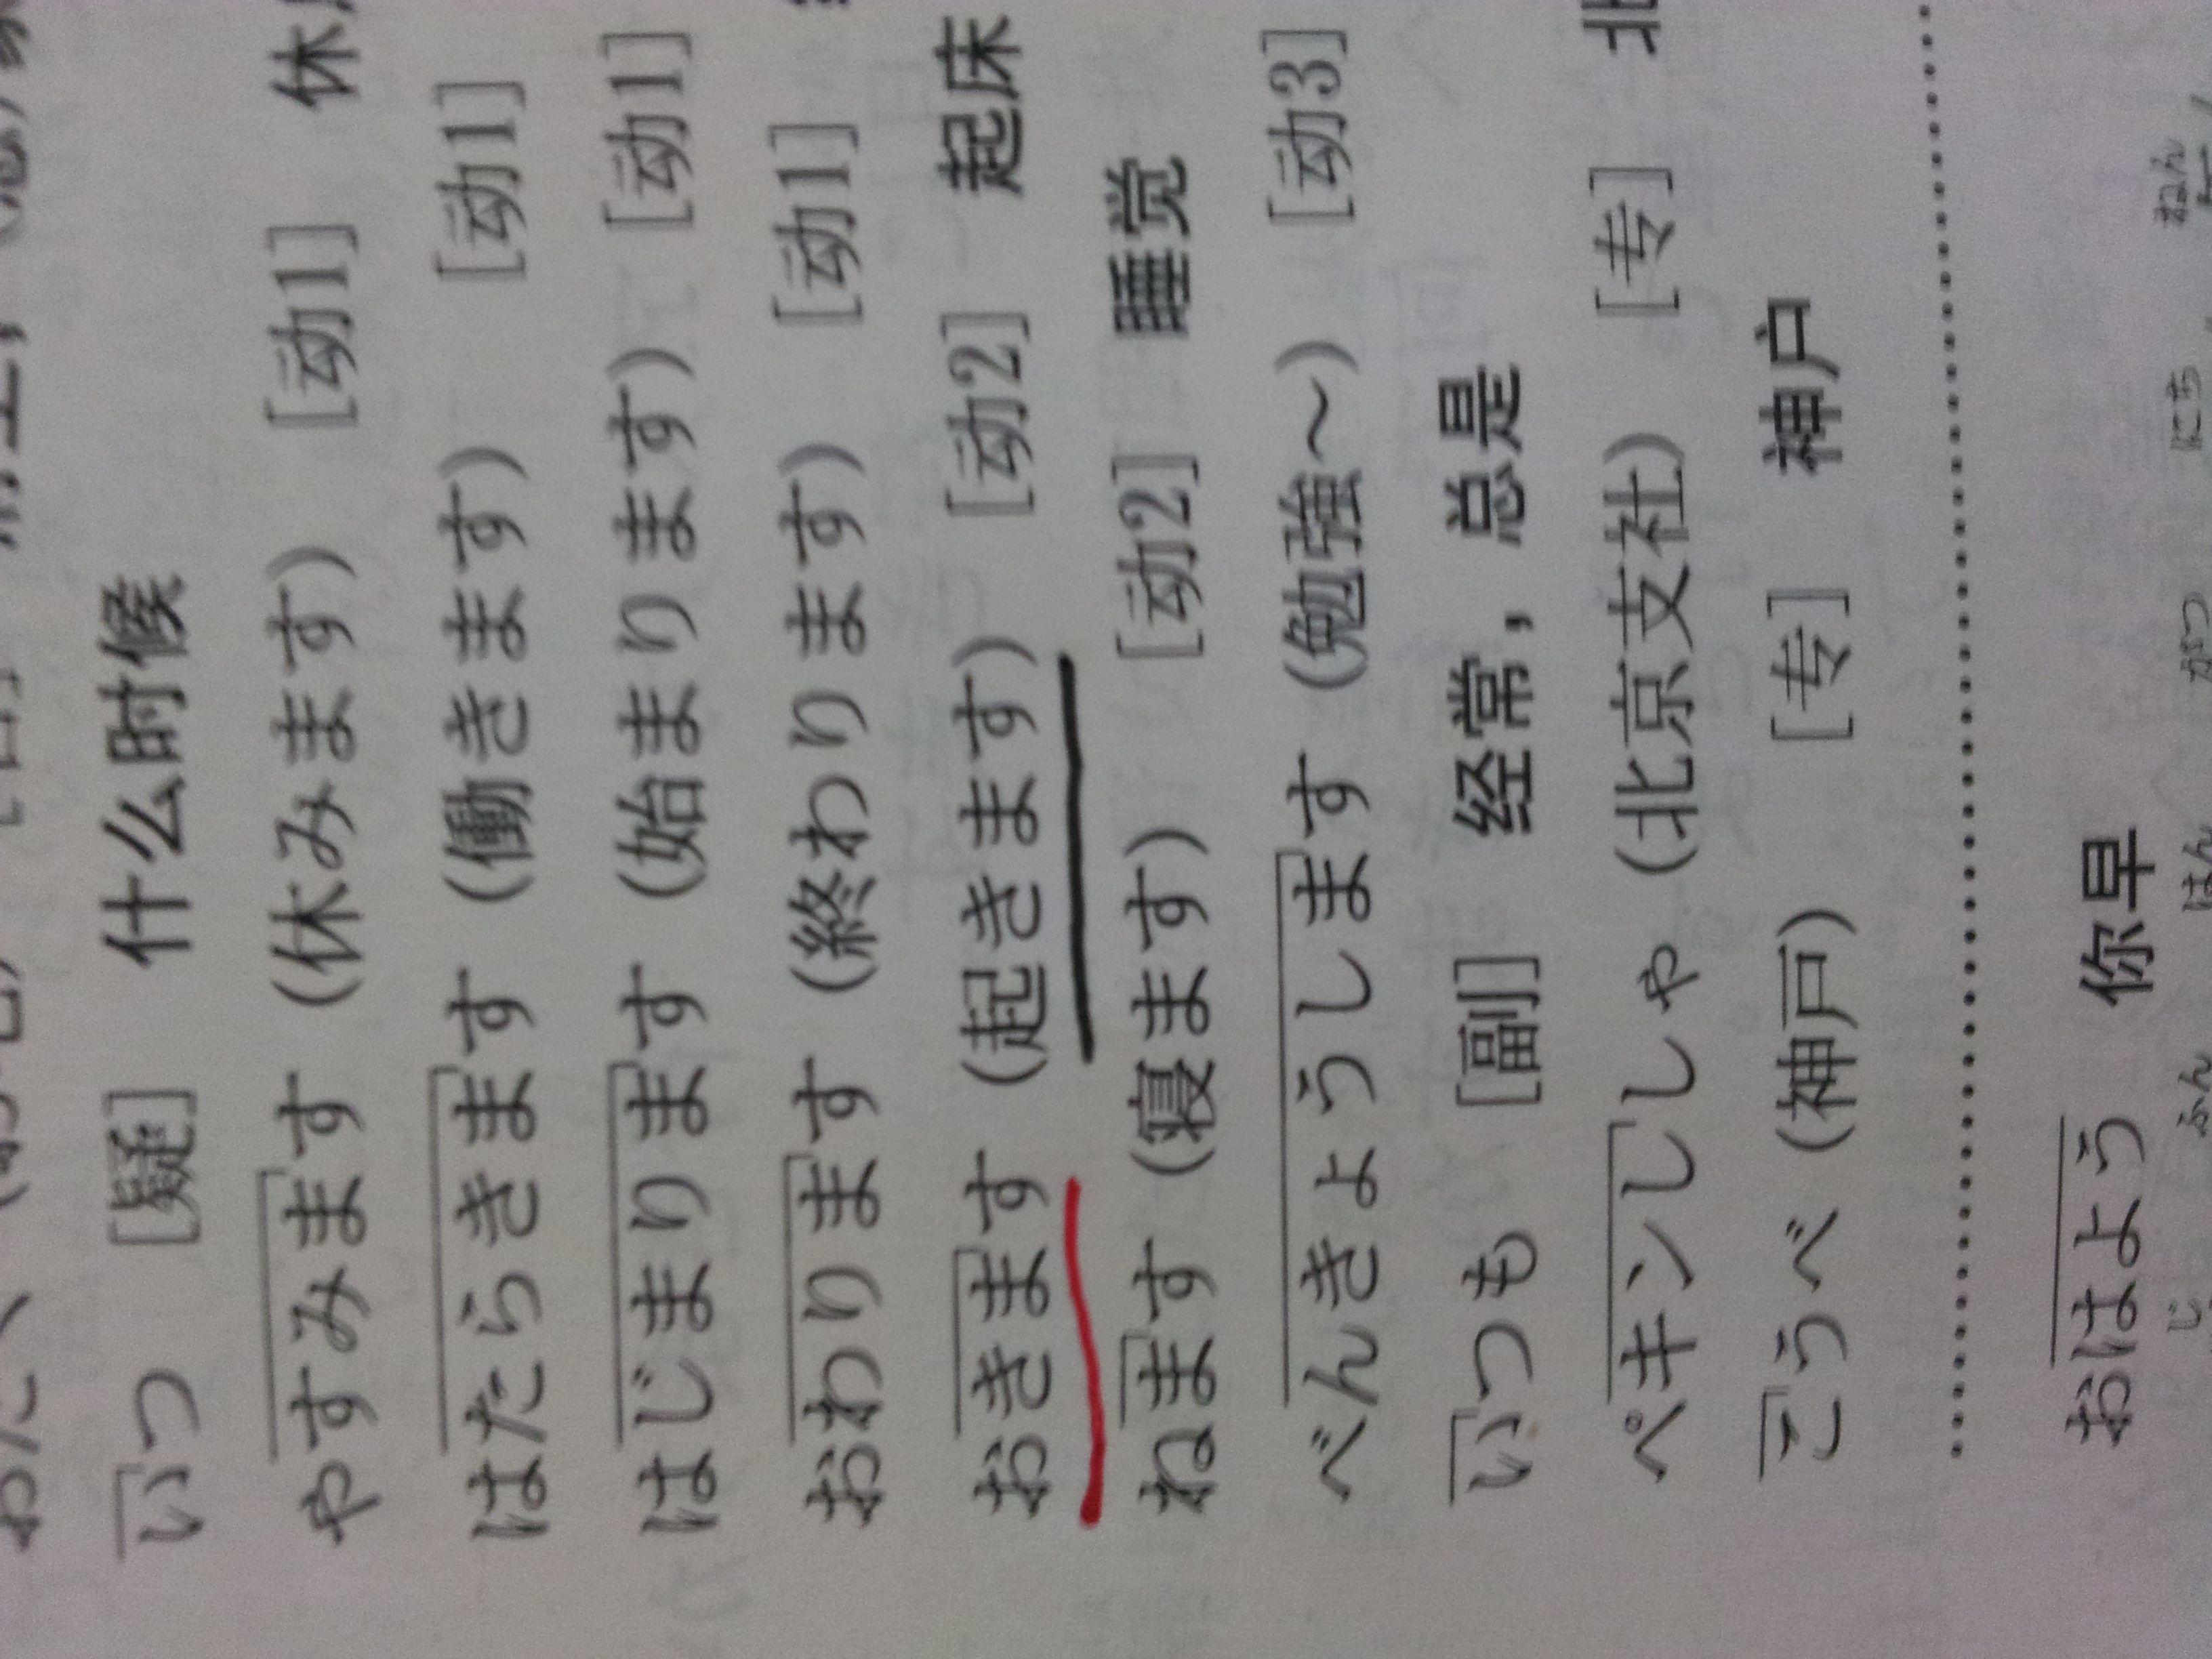 学的不错日语